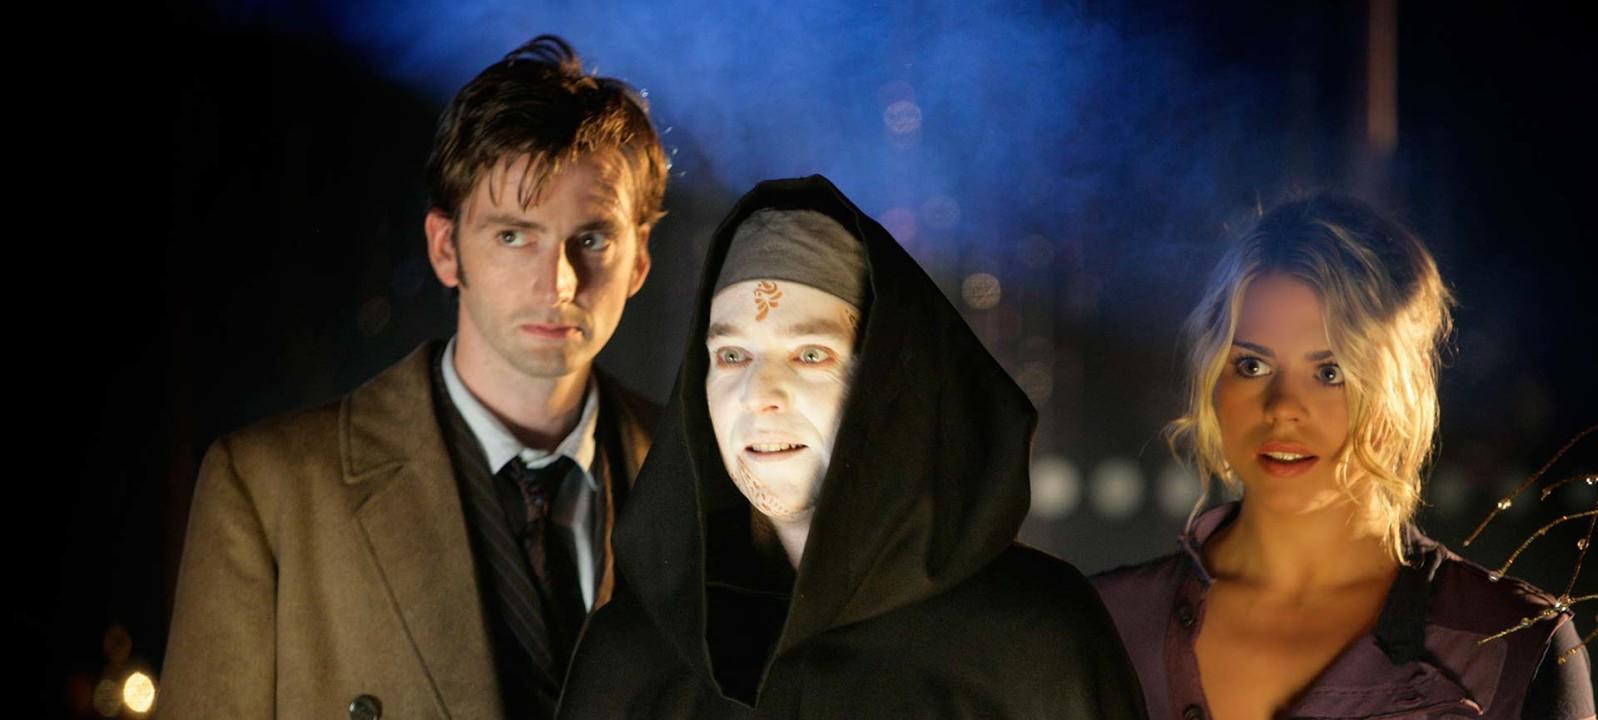 doctor who season 9 download kickass